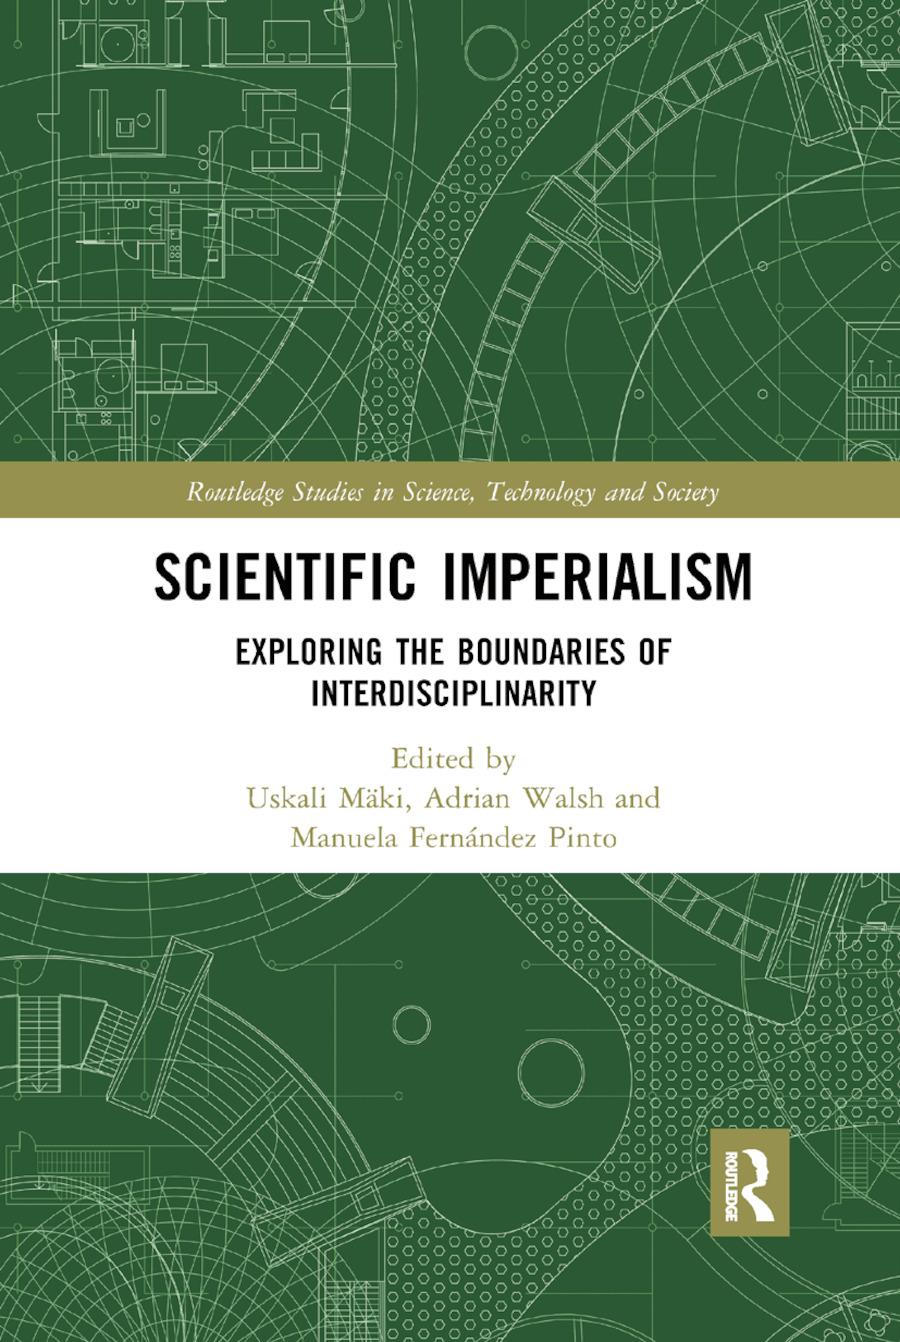 Scientific Imperialism: Exploring the Boundaries of Interdisciplinarity book cover